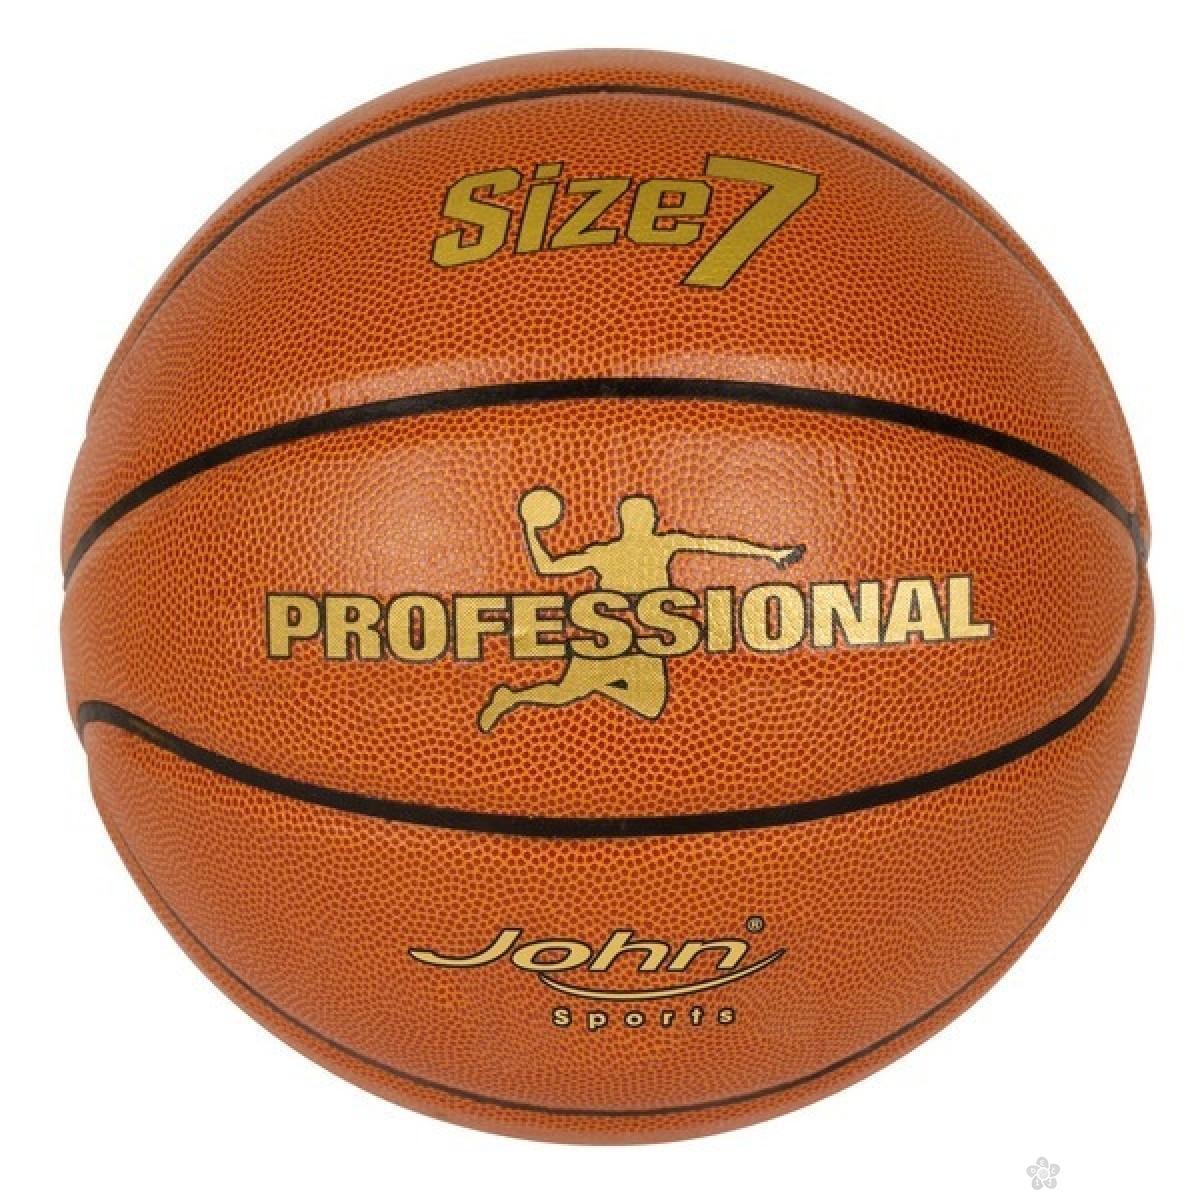 Lopta profesionalna za kosarku velicina 24cm